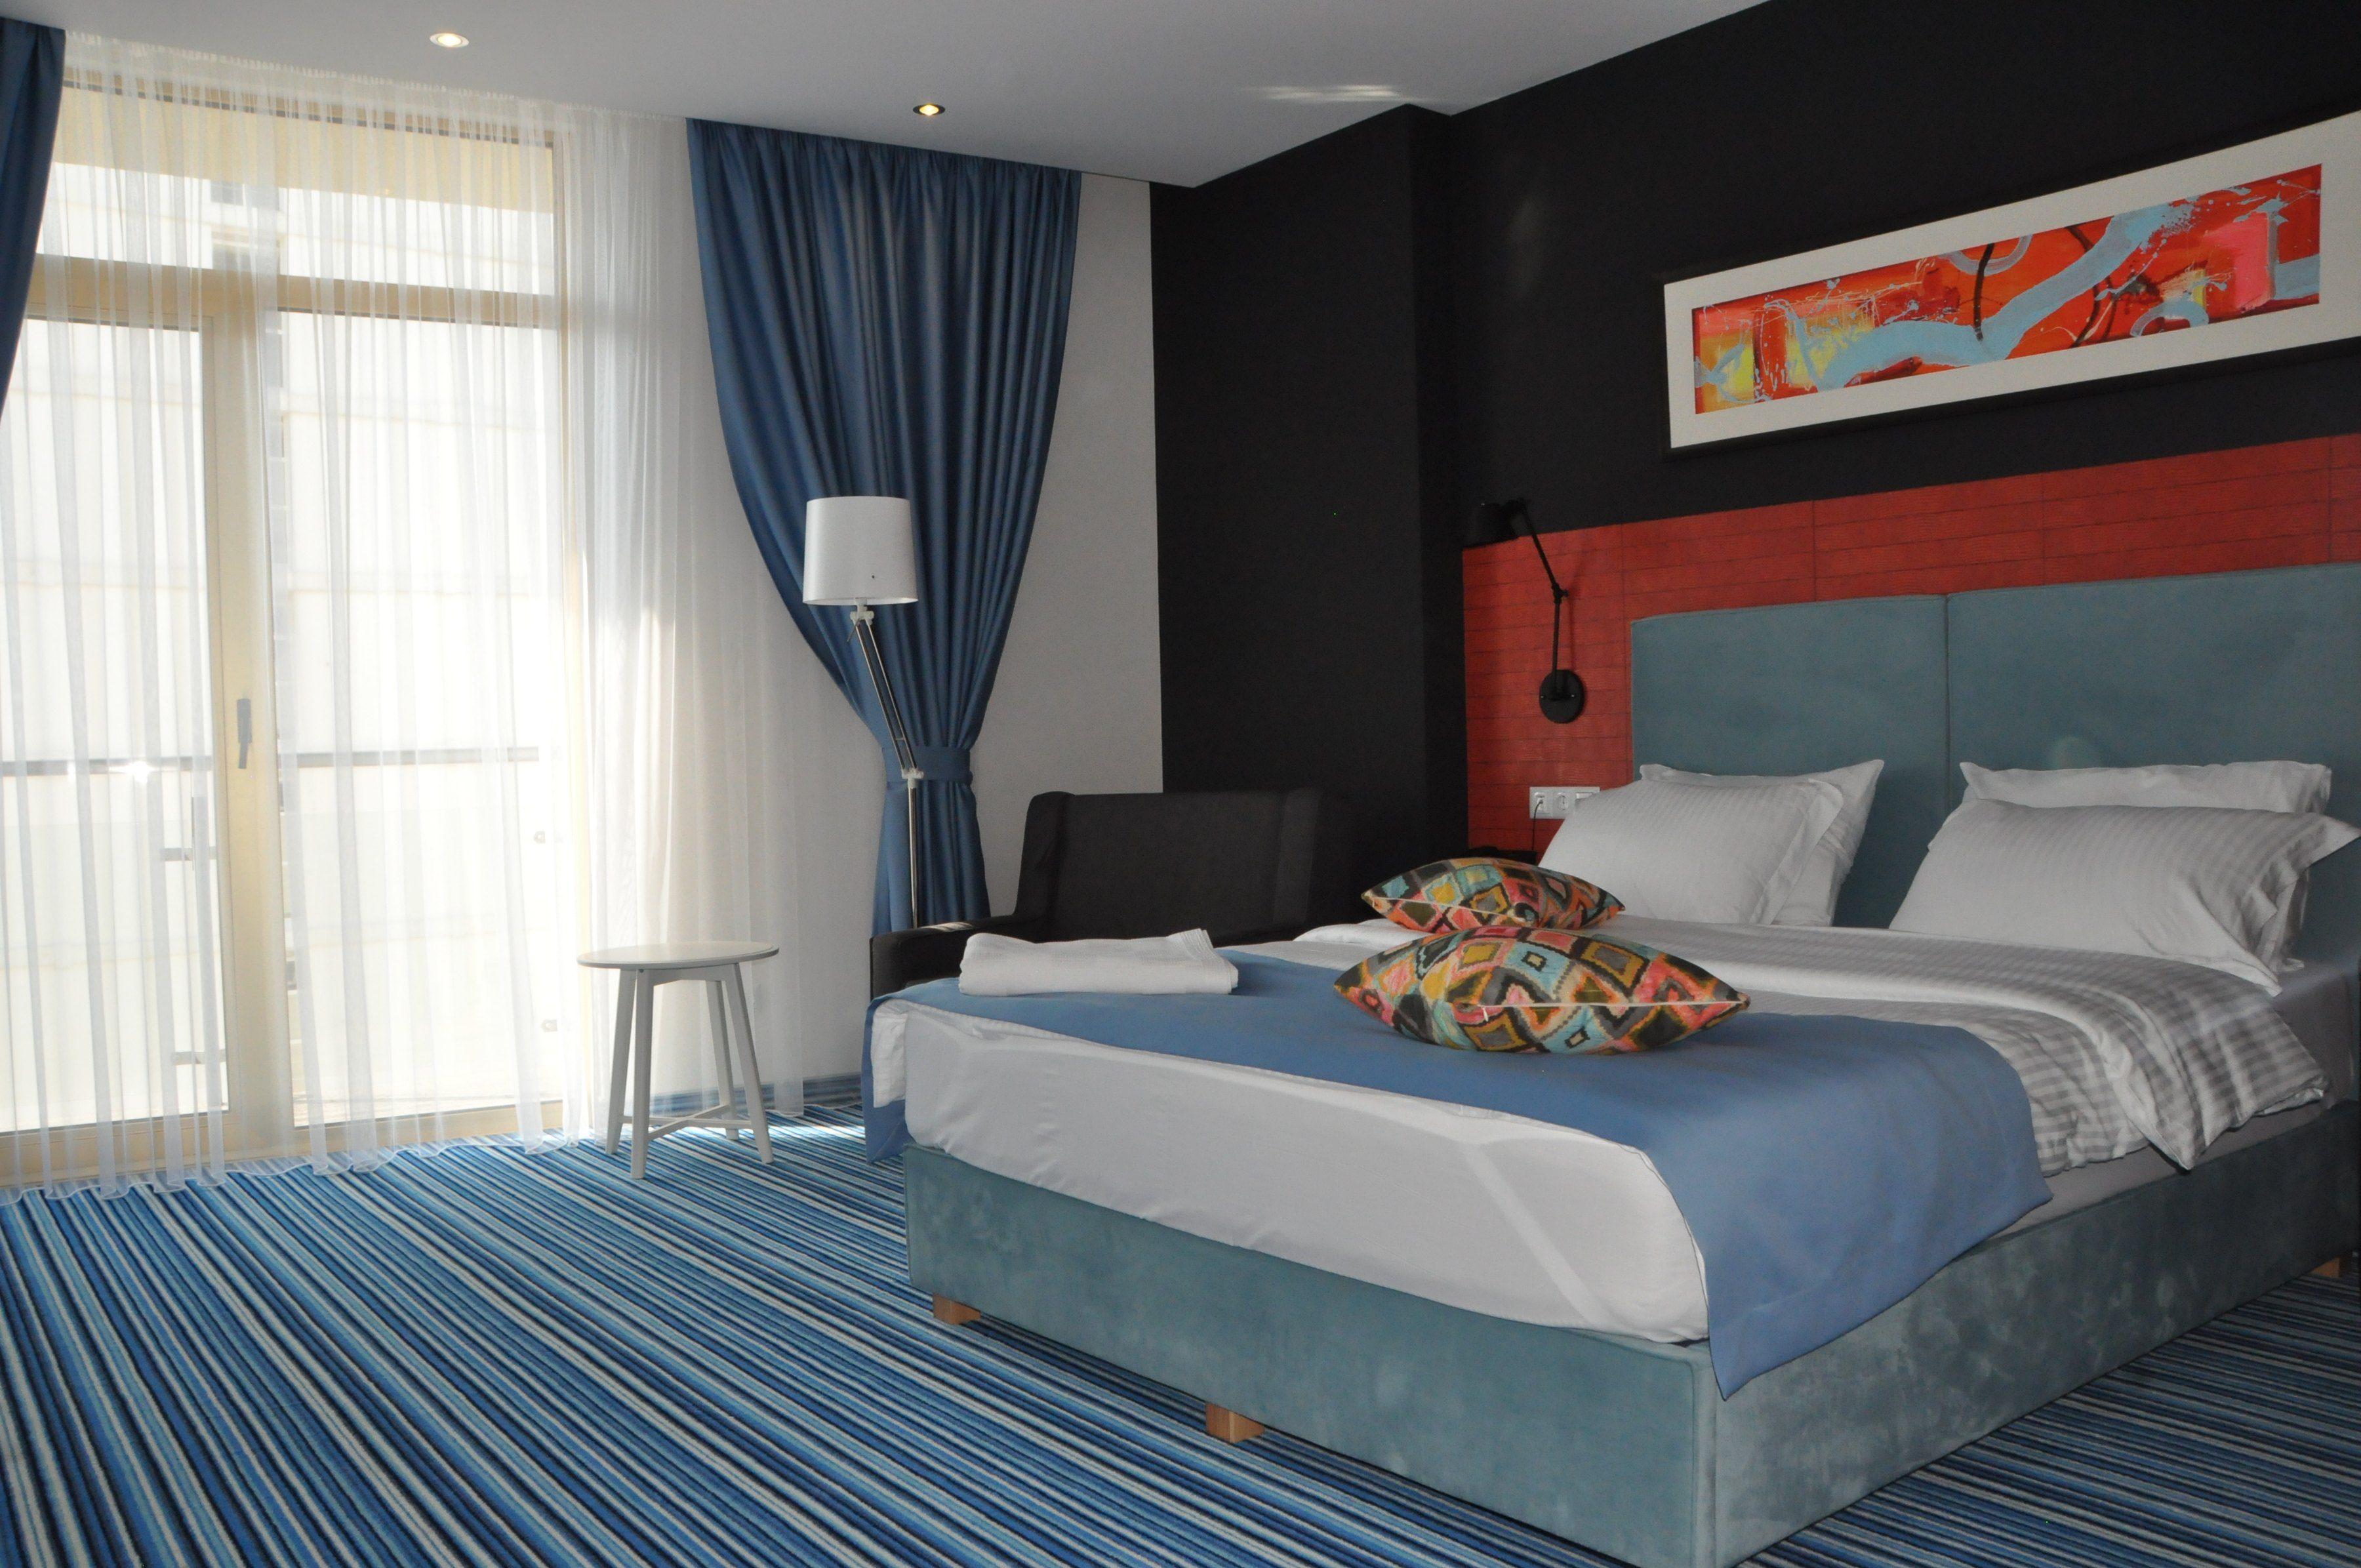 tangerine_apart-hotel_delux_3